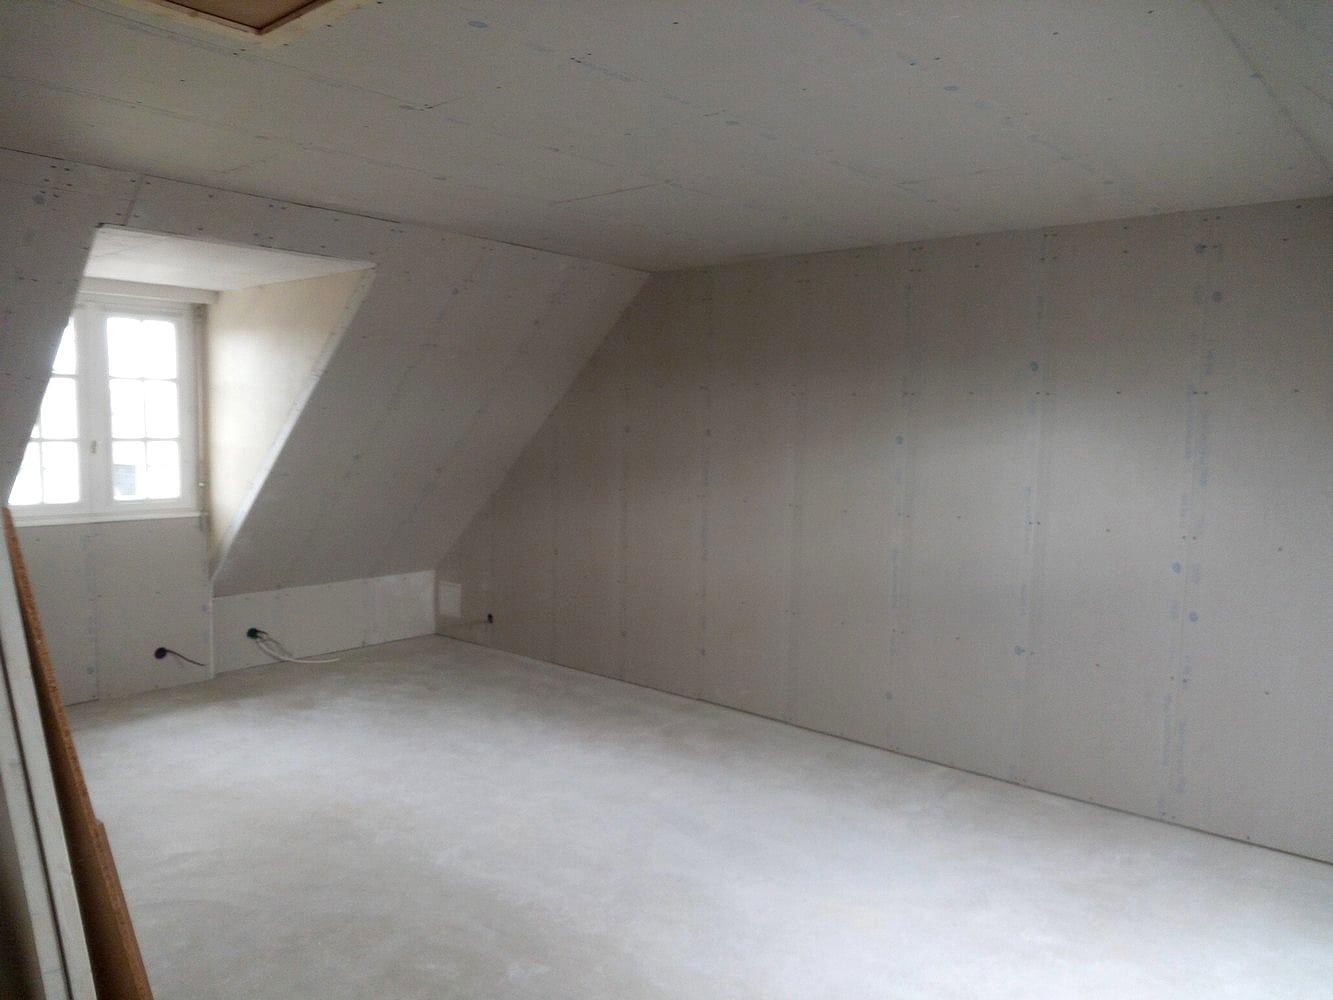 Isolation sous rampants de toiture par l'intérieur, après travaux